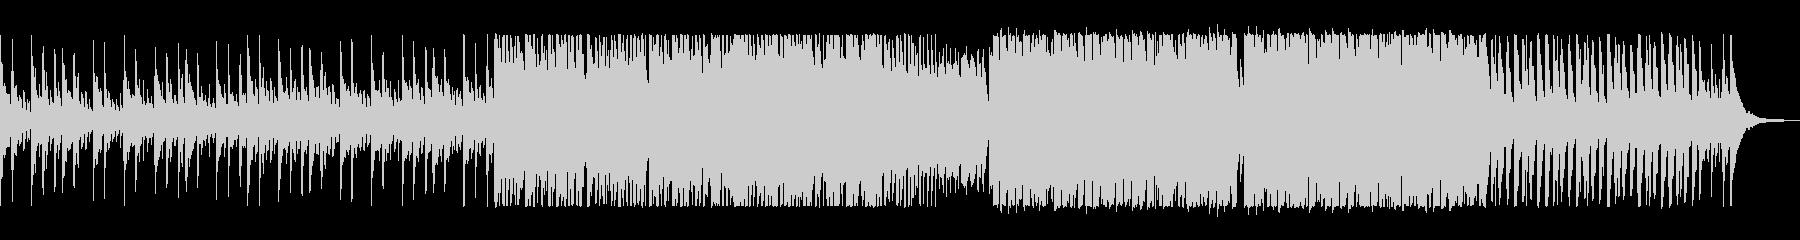 アップテンポの前向きな電子ピアノの曲の未再生の波形